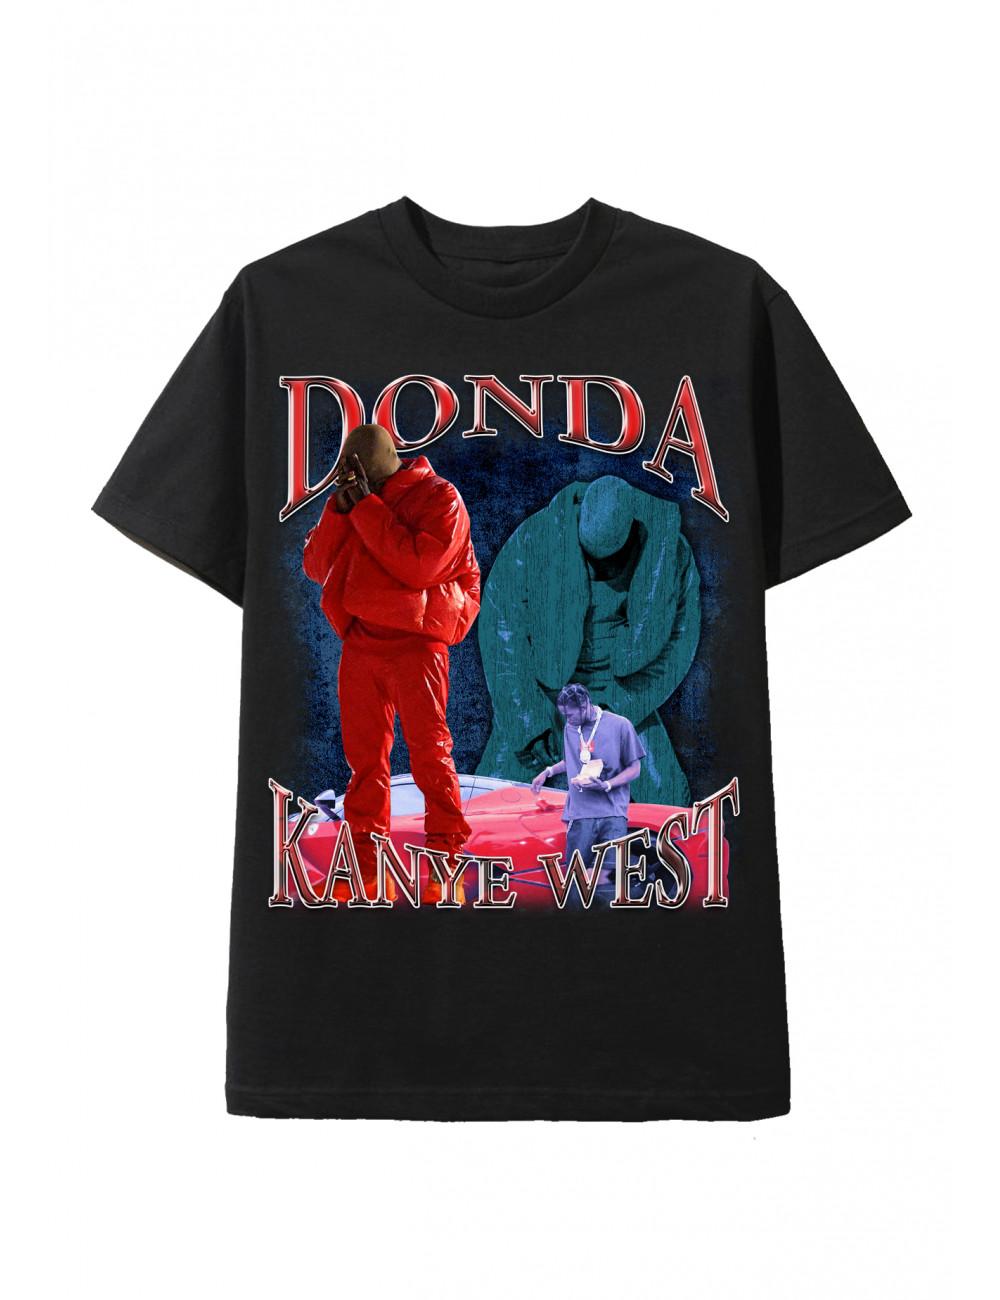 kayne west album theme tshirt